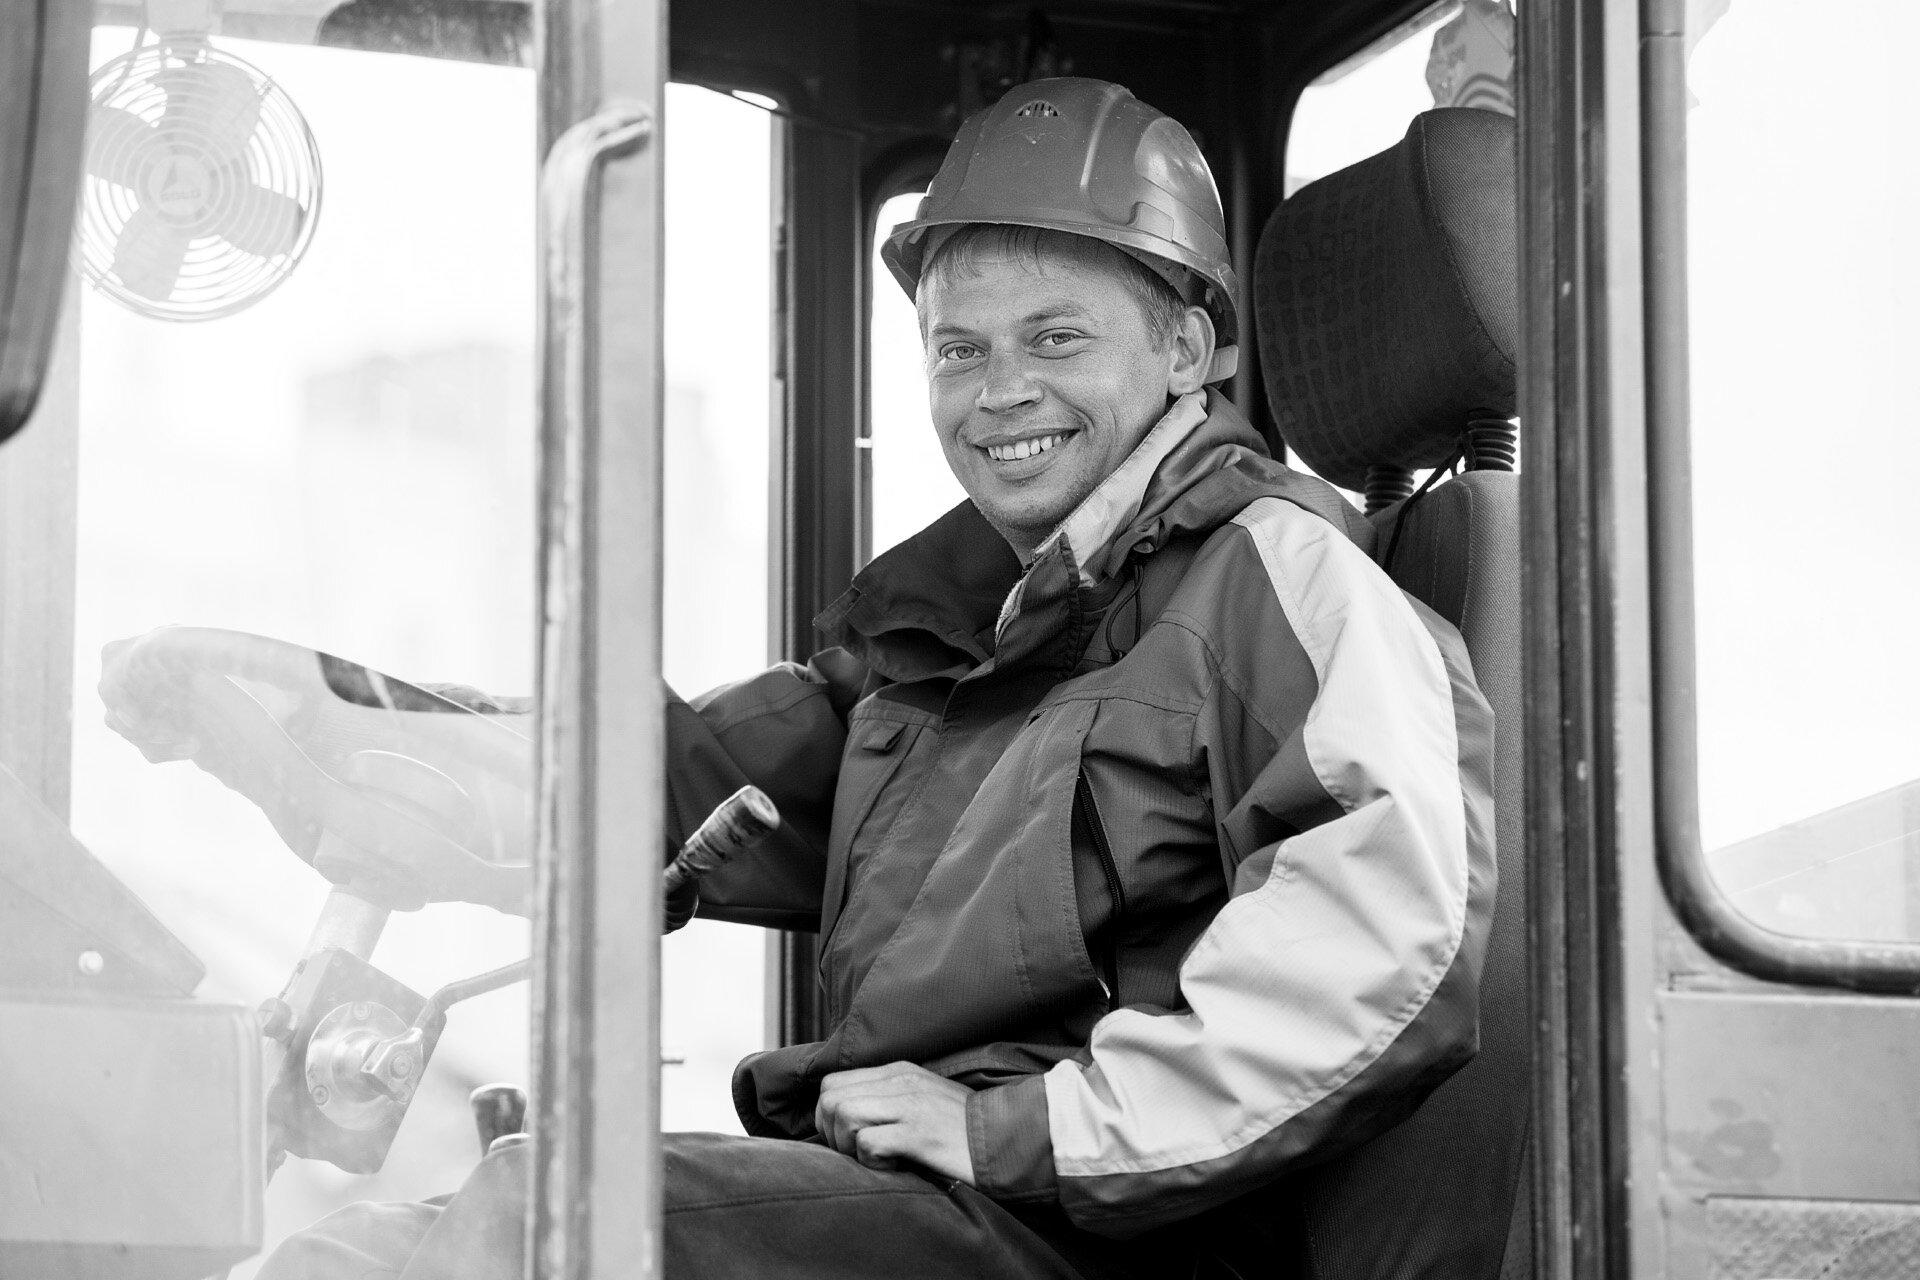 Сергей, 27 лет, машинист погрузчика